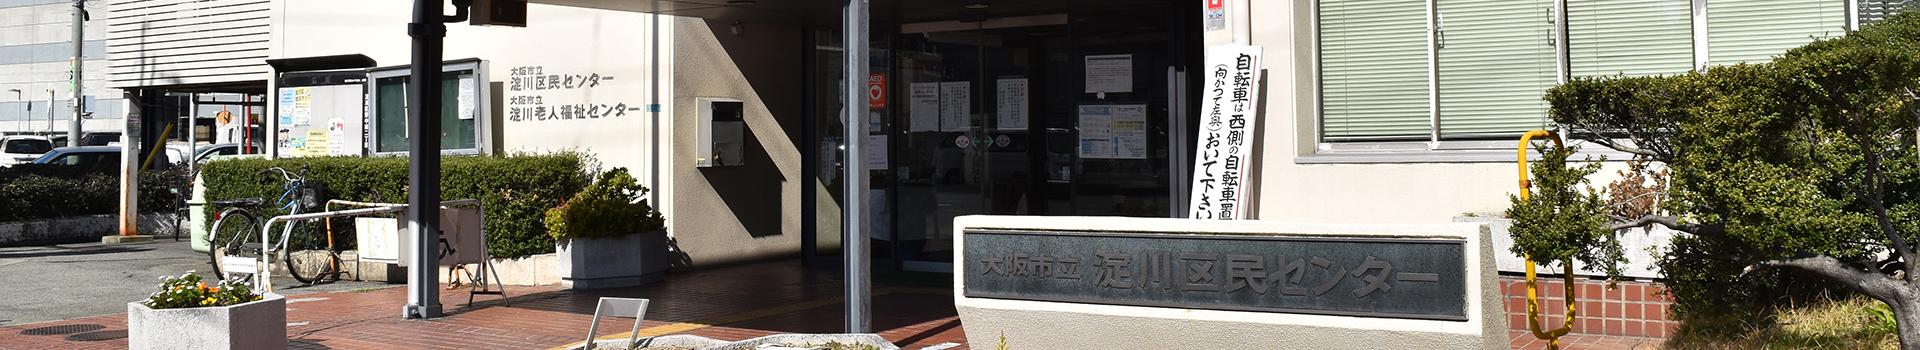 大阪市立 淀川区民センター・外観